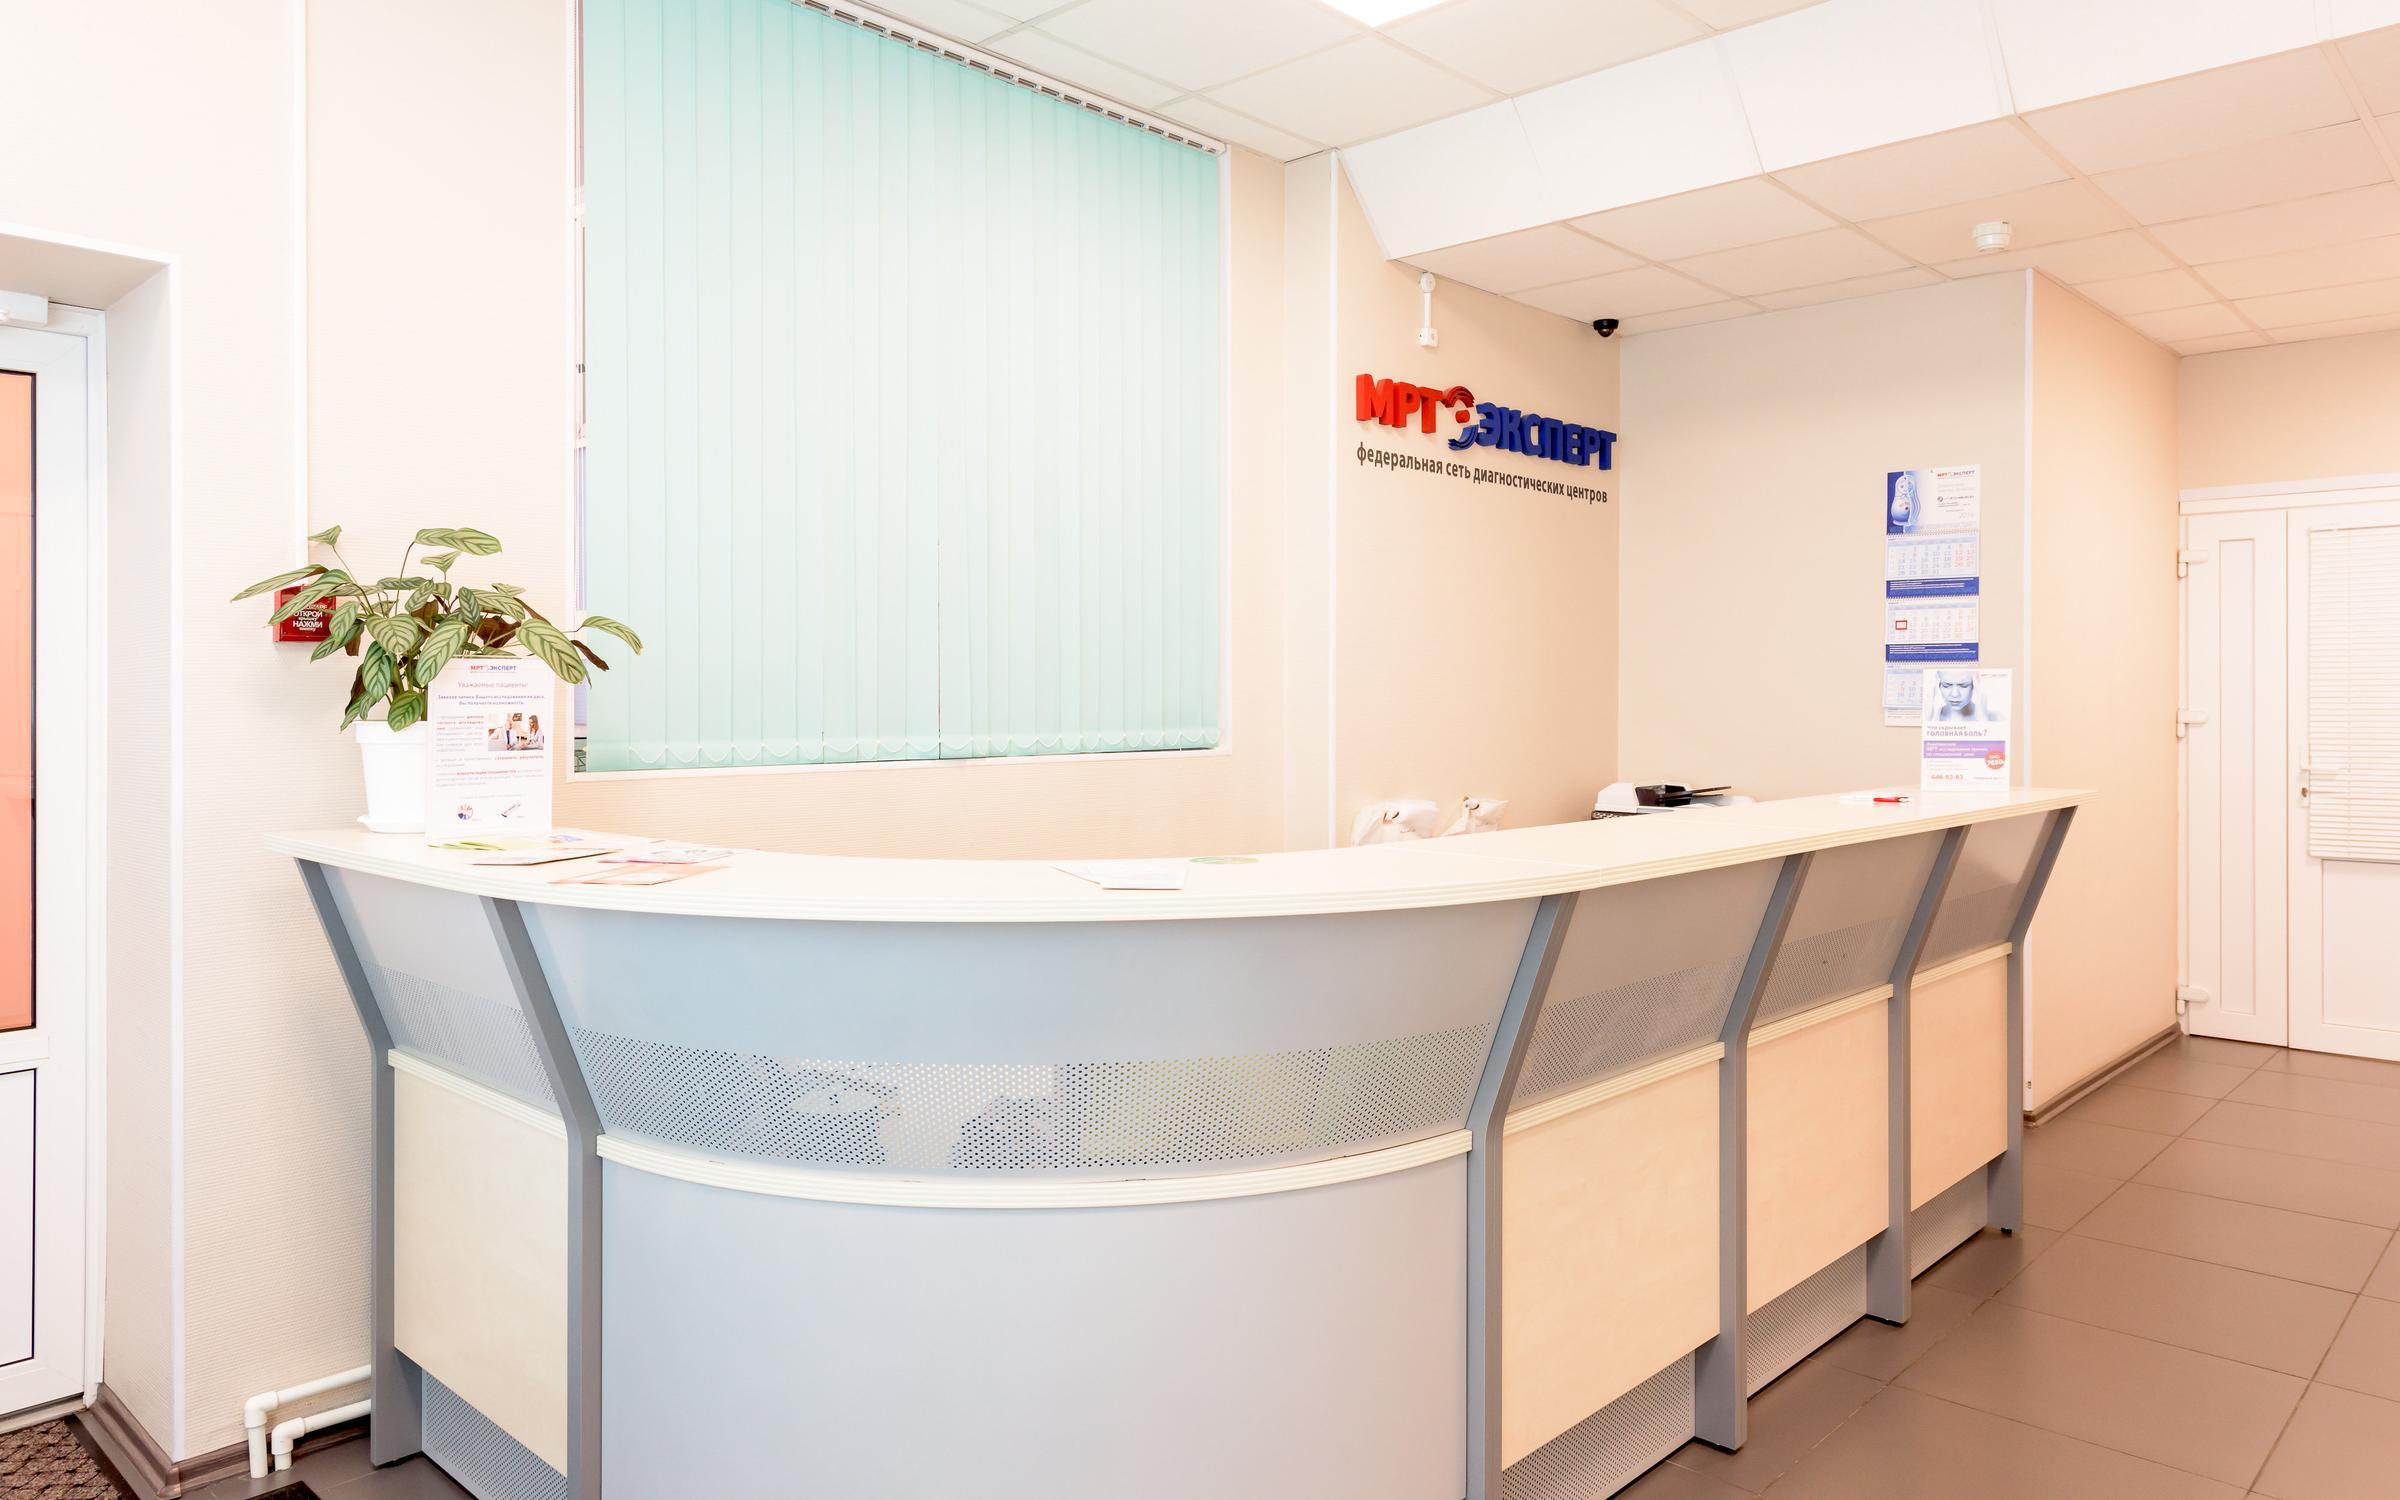 фотография Диагностического центра МРТ-Эксперт на Северном проспекте